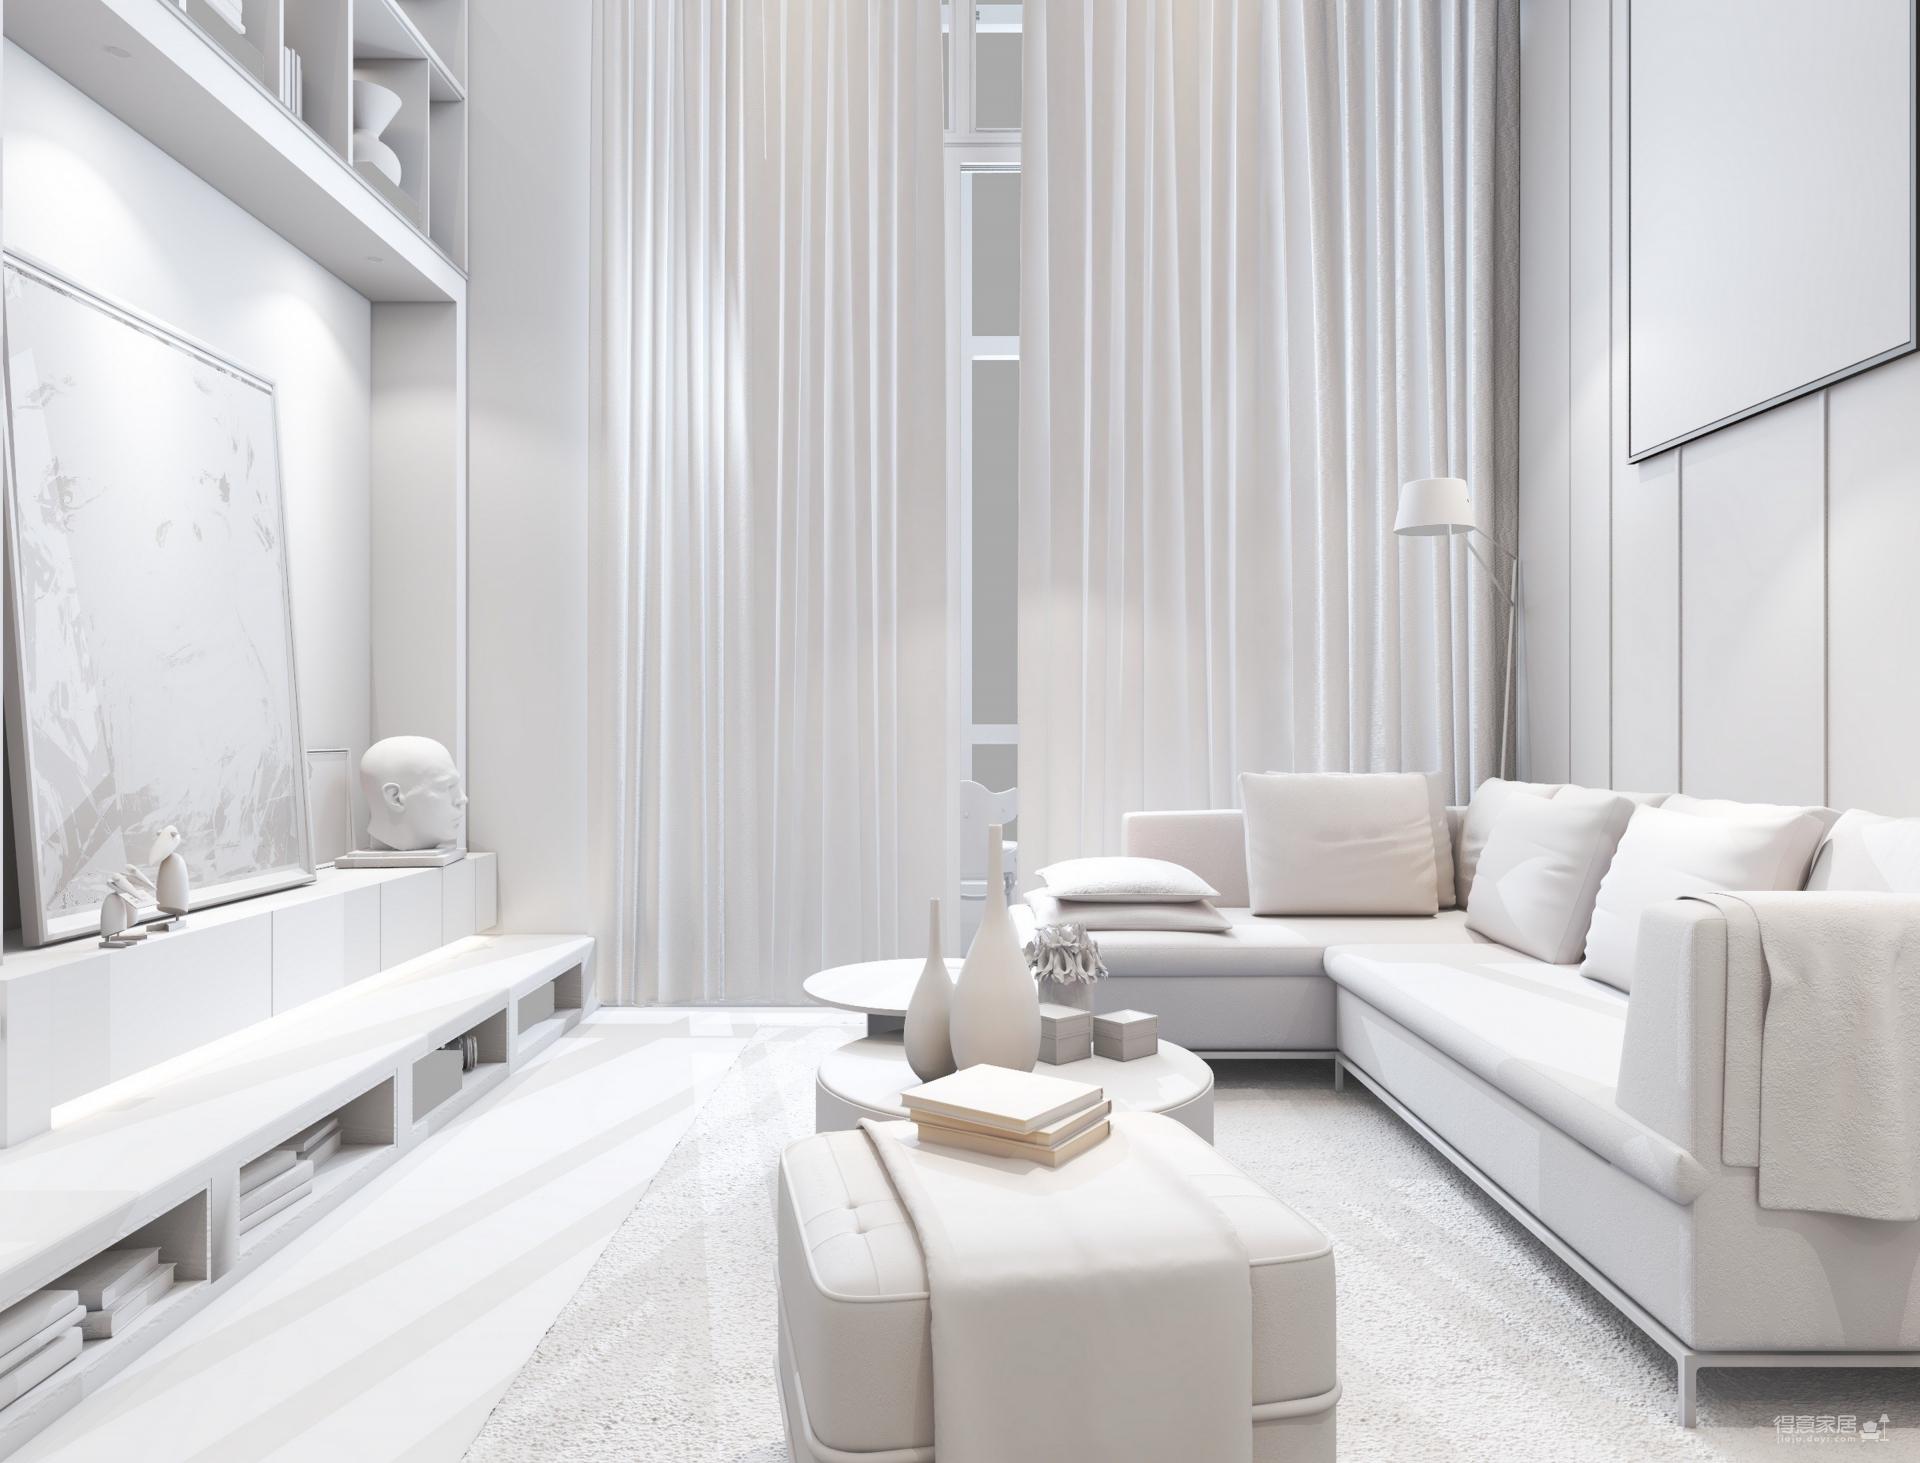 国外loft住宅设计案例鉴赏图_1